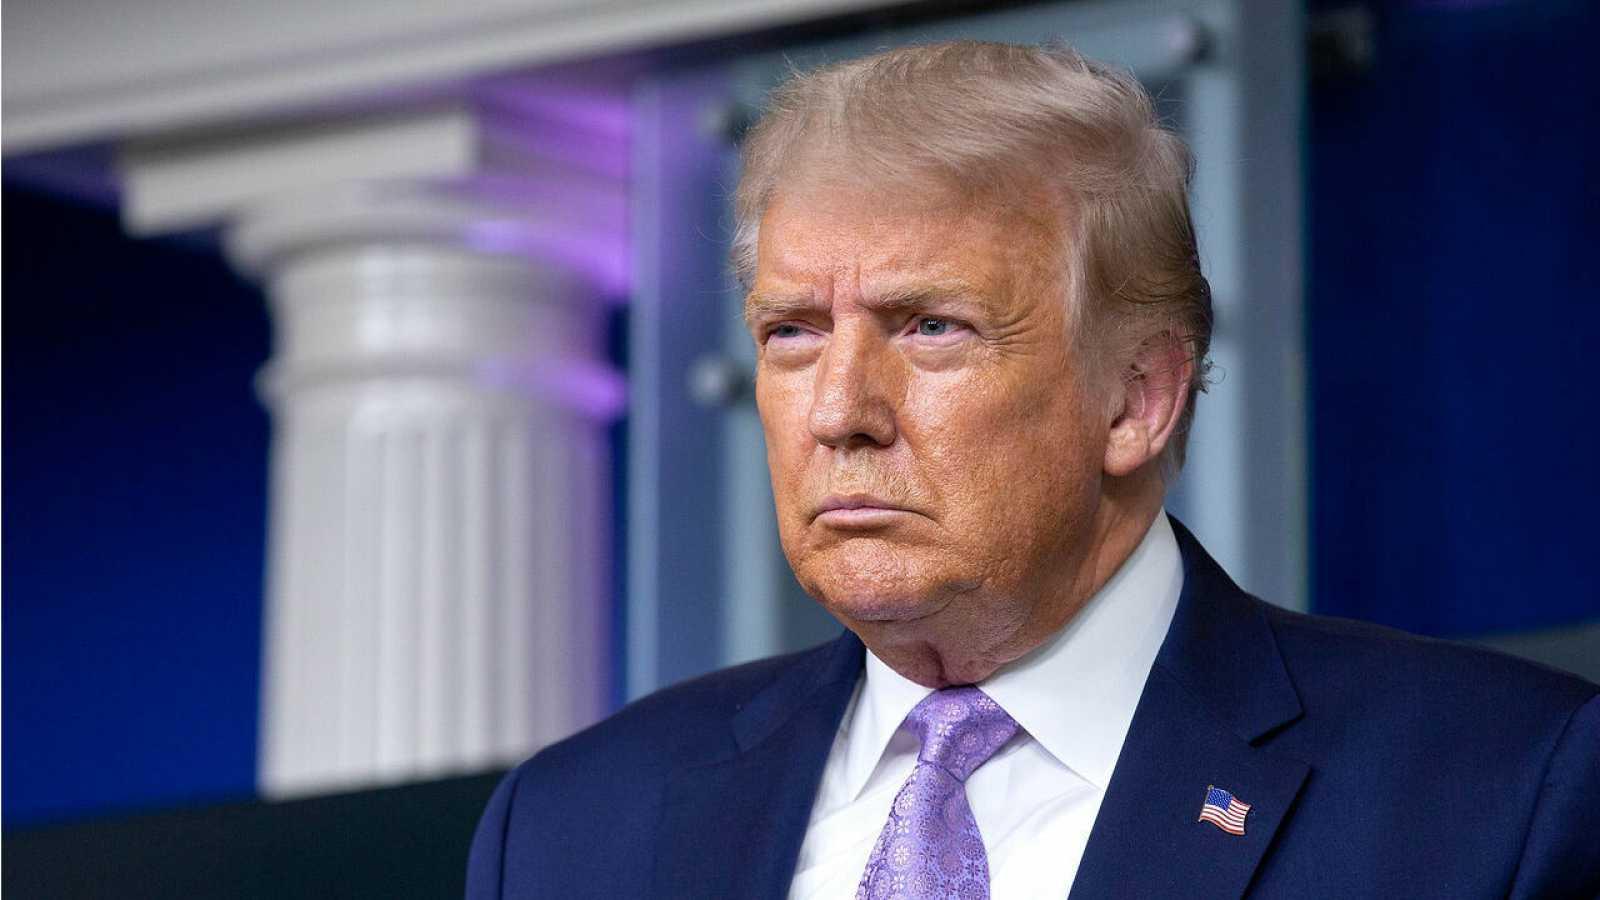 El presidente de EE. UU., Donald Trump, habla durante una conferencia de prensa en la Casa Blanca en Washington.